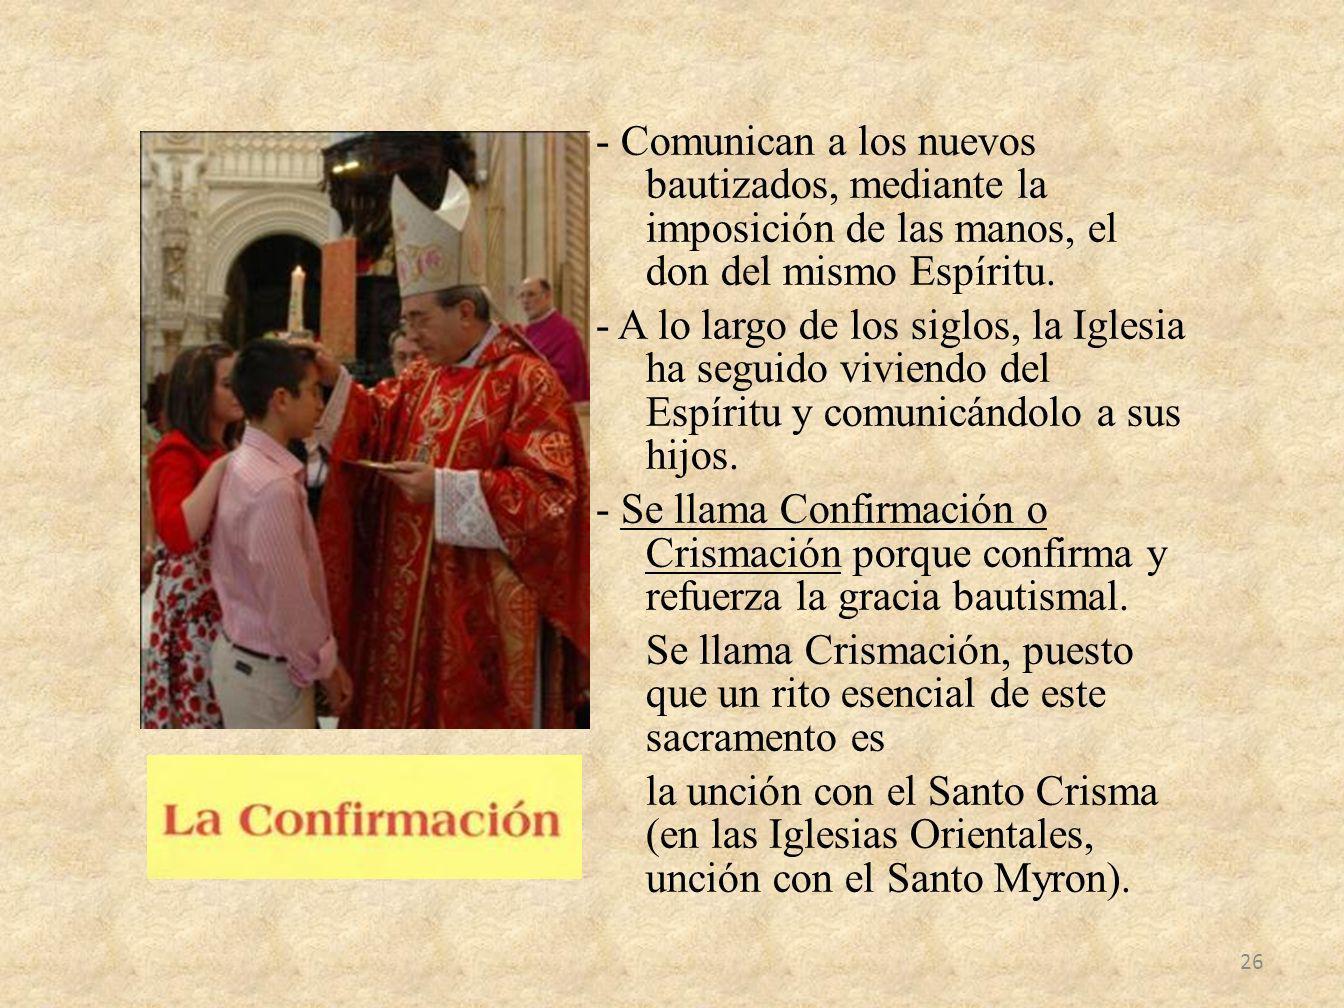 - Comunican a los nuevos bautizados, mediante la imposición de las manos, el don del mismo Espíritu.